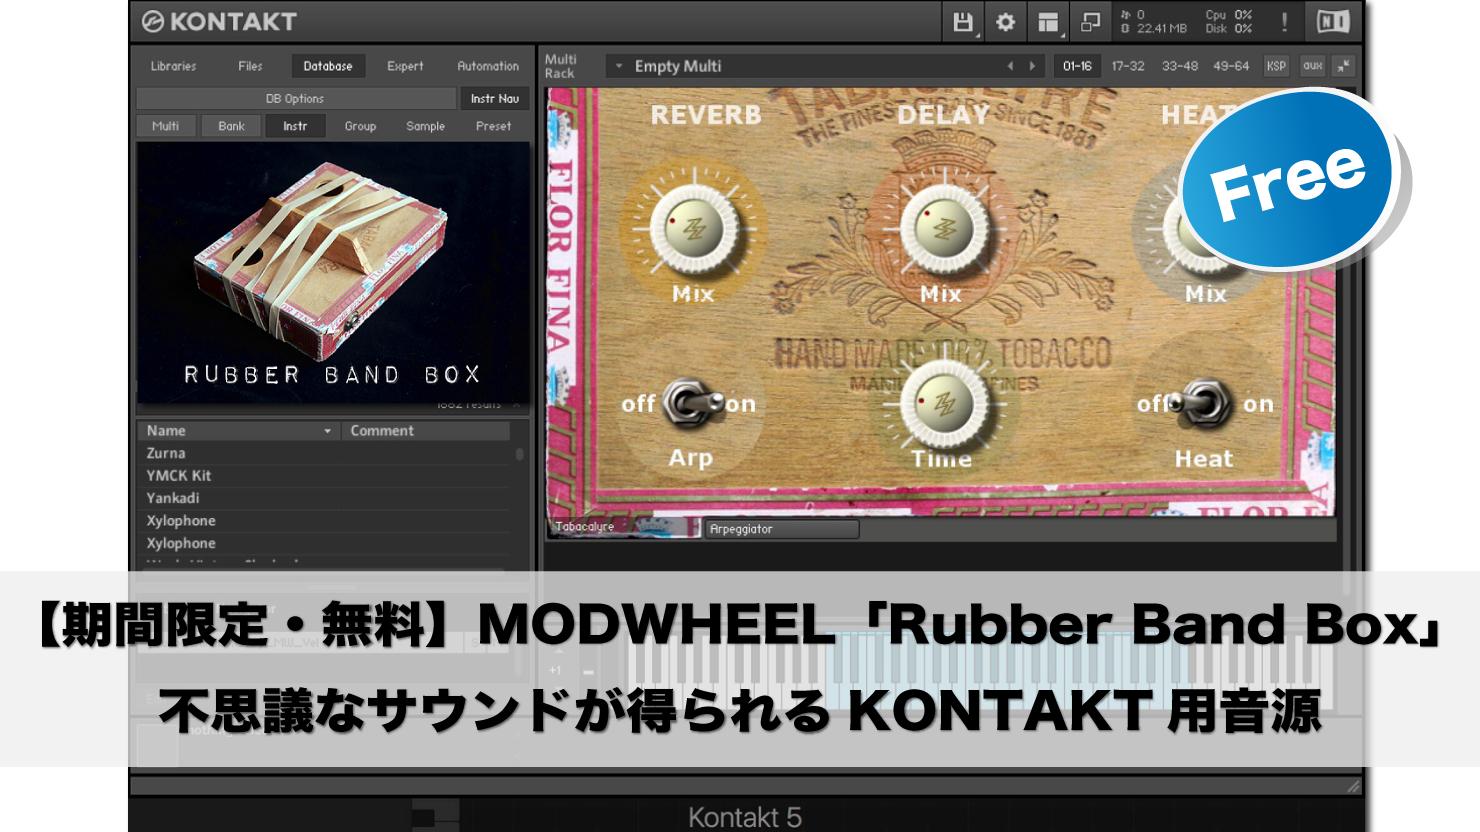 【期間限定・無料】不思議なサウンドが得られるKONTAKT用音源「Rubber Band Box」が無償配布中!